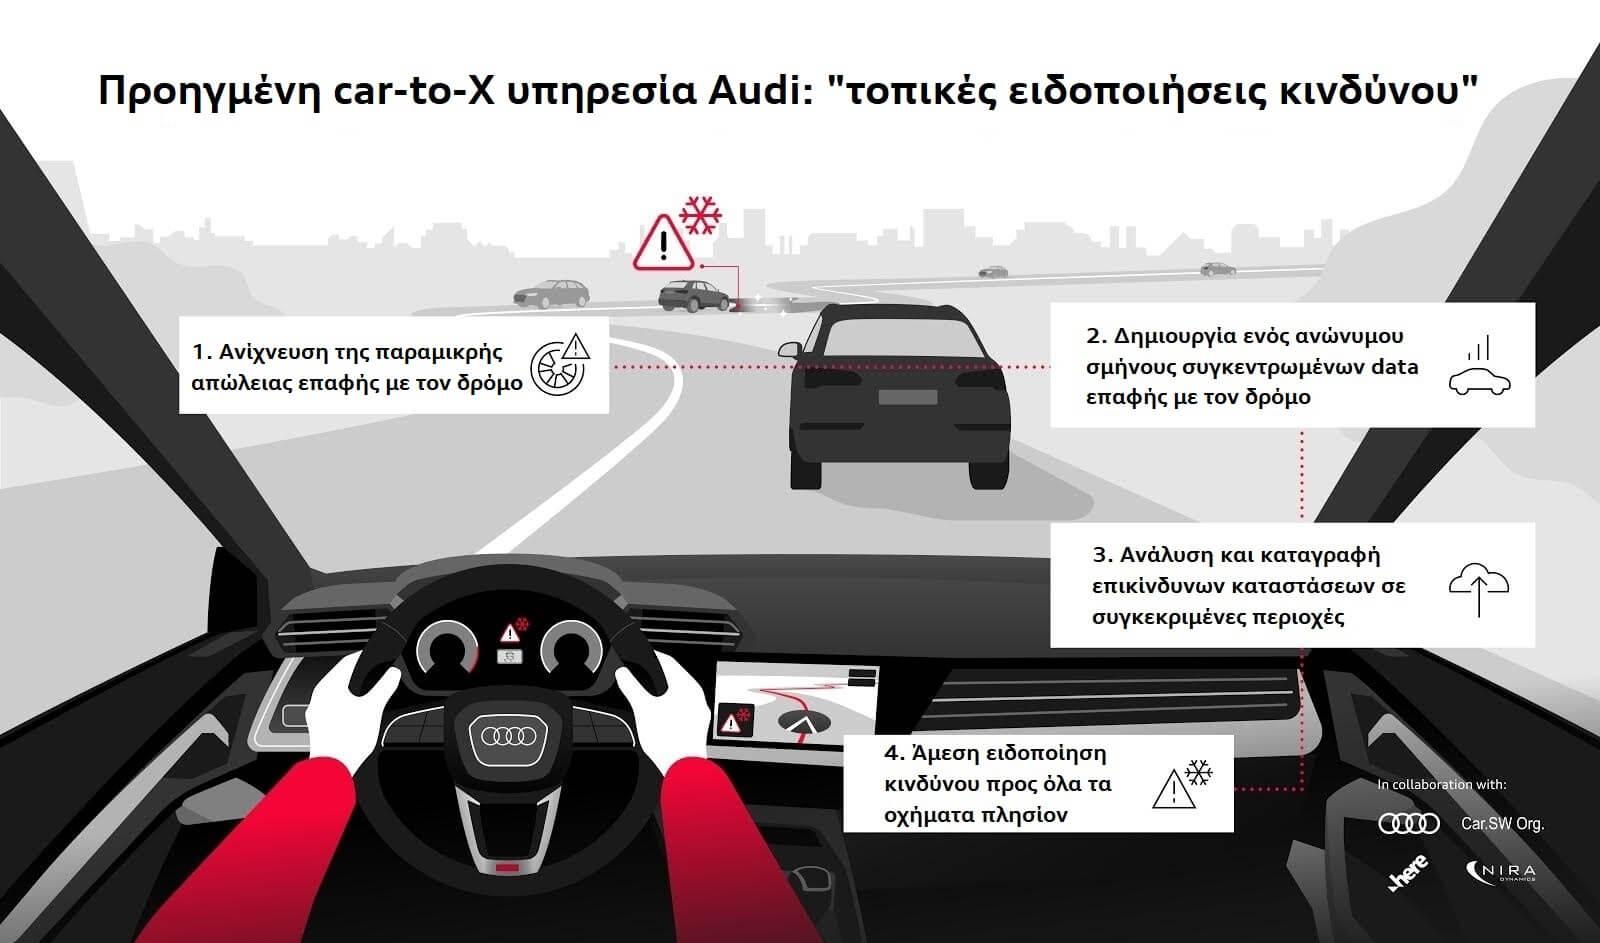 AUDI CAR-TO-X ΤΟΠΙΚΕΣ ΕΙΔΟΠΟΙΗΣΕΙΣ ΚΙΝΔΥΝΟΥ